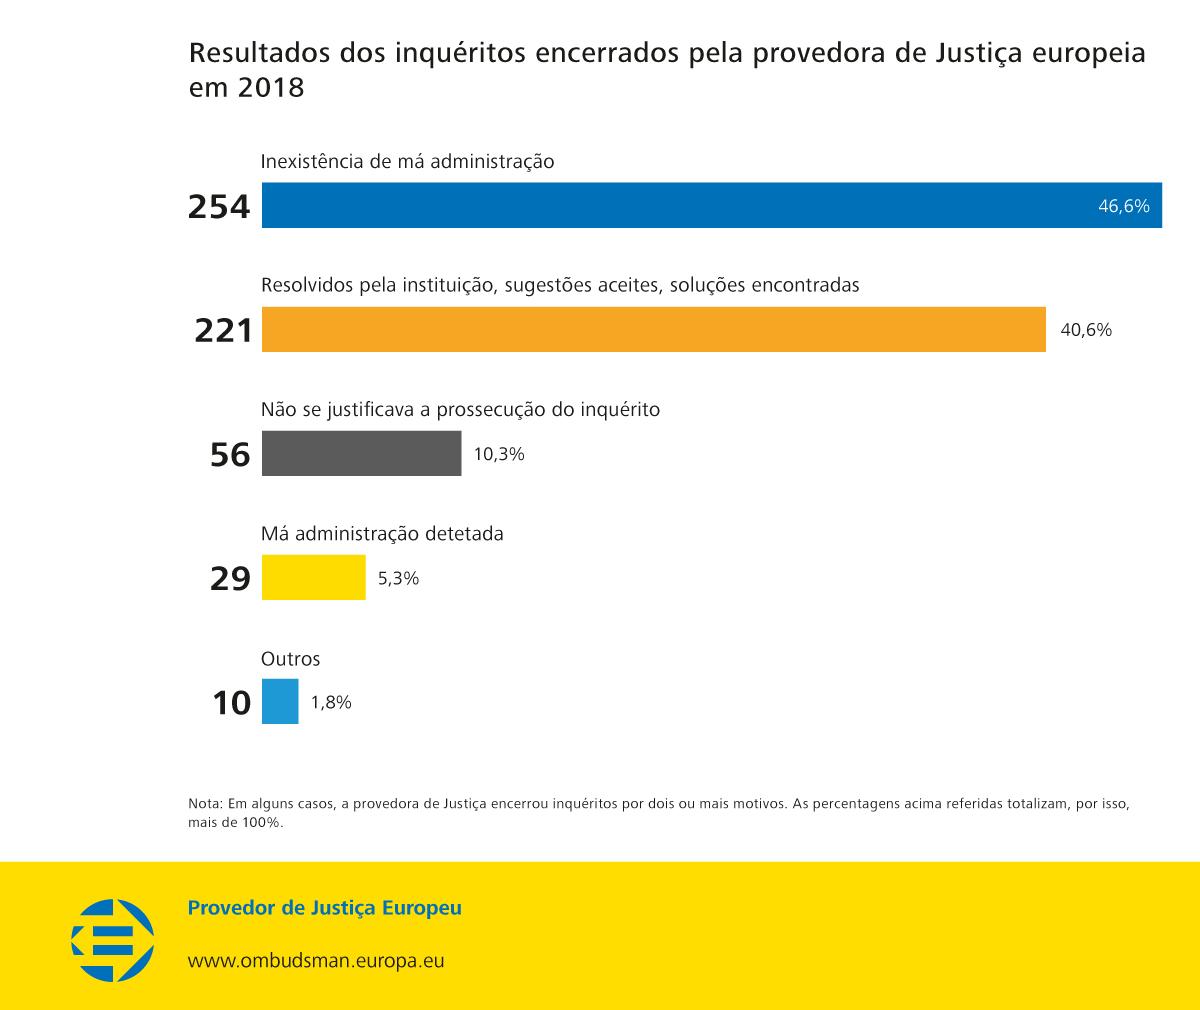 Resultados dos inquéritos encerrados pela provedora de Justiça europeia em 2018